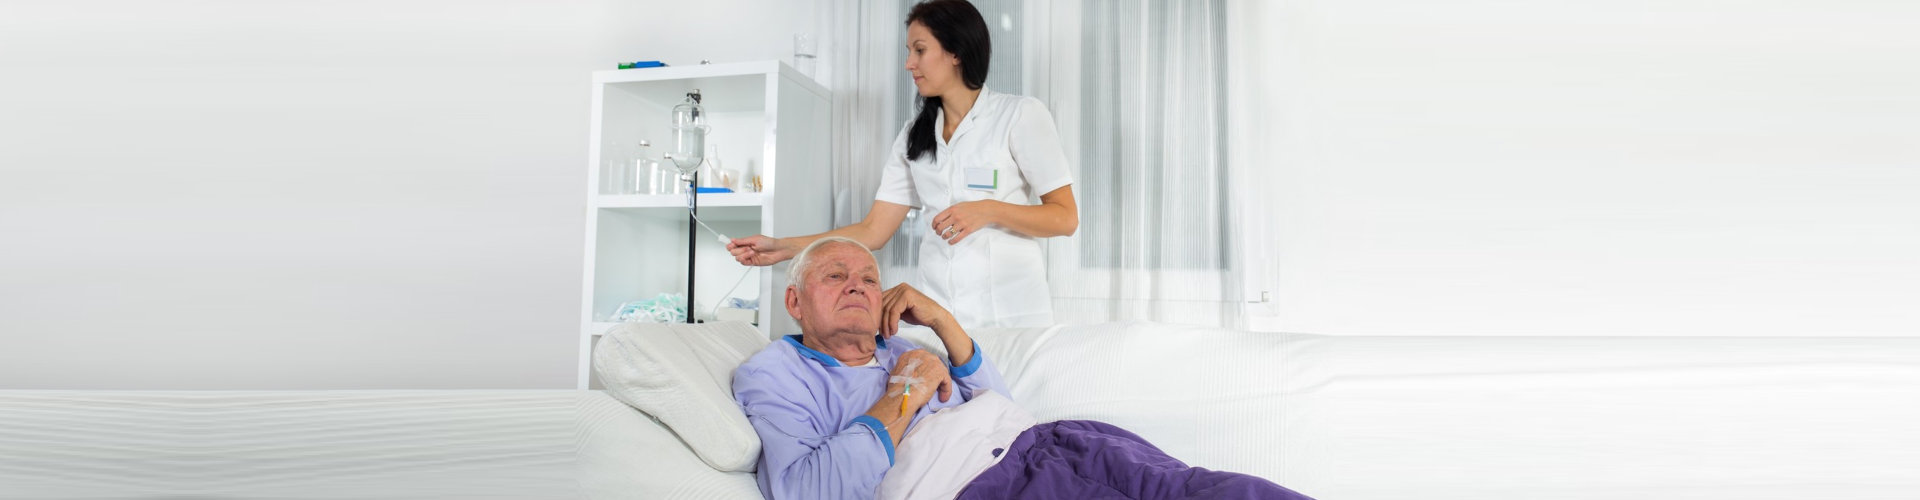 nurse checking elderly's vitals